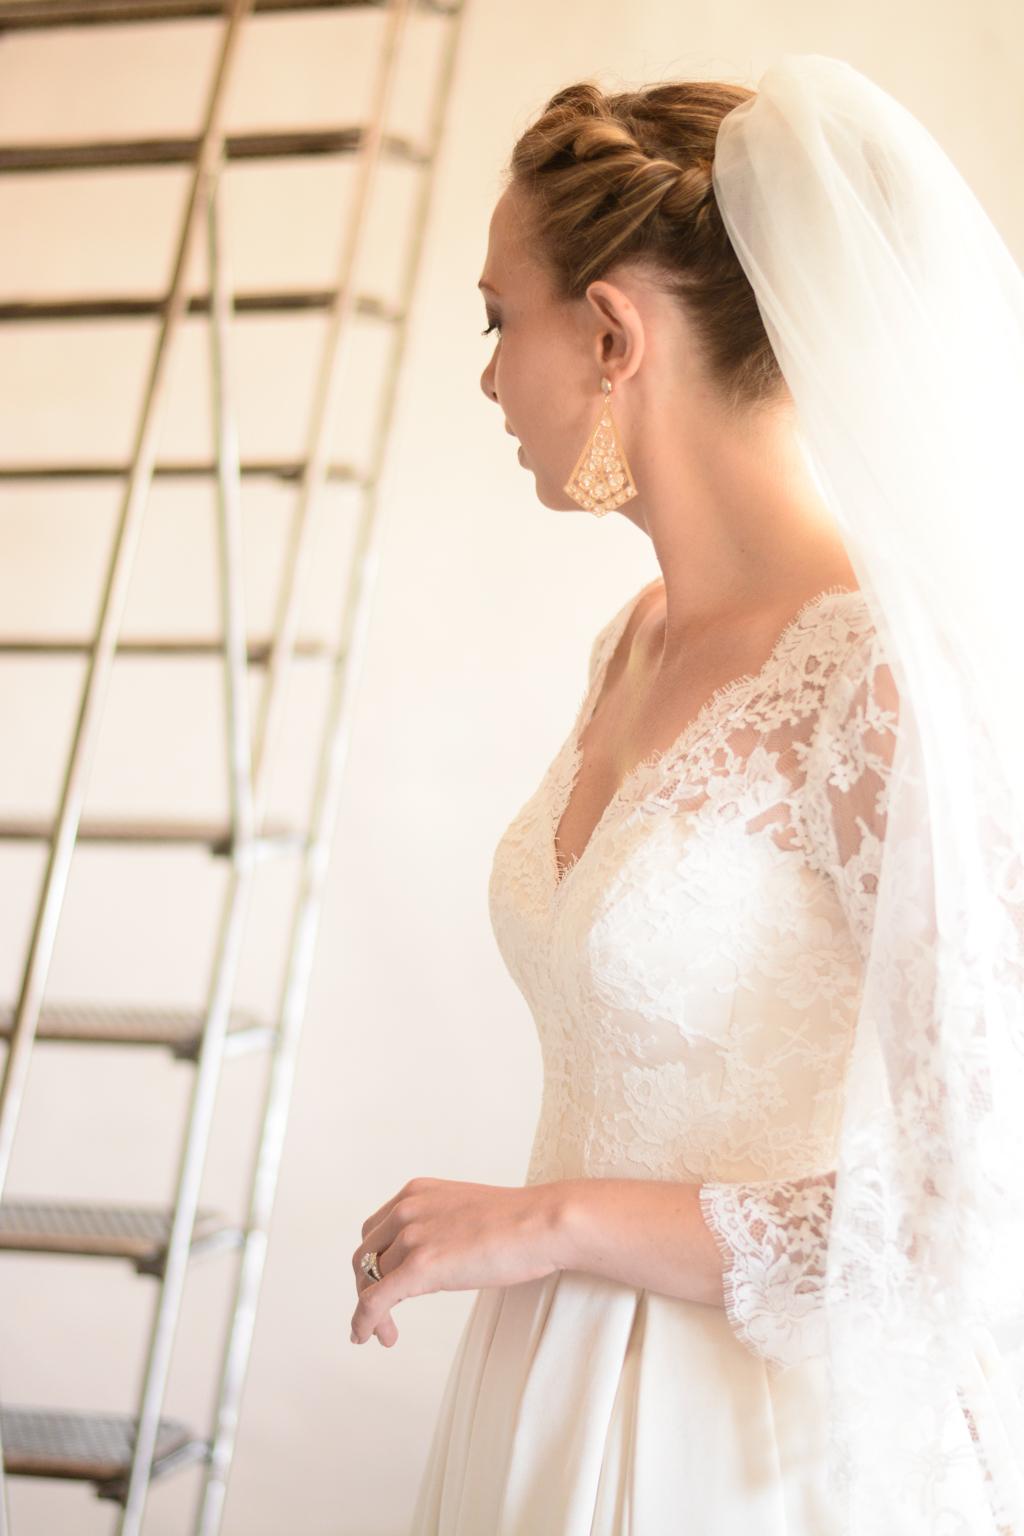 mariage, photographe de mariage, reportage, agathe f photographie, mariage à bonnieux, luberon, mariage dans le luberon, naturel, lumineux